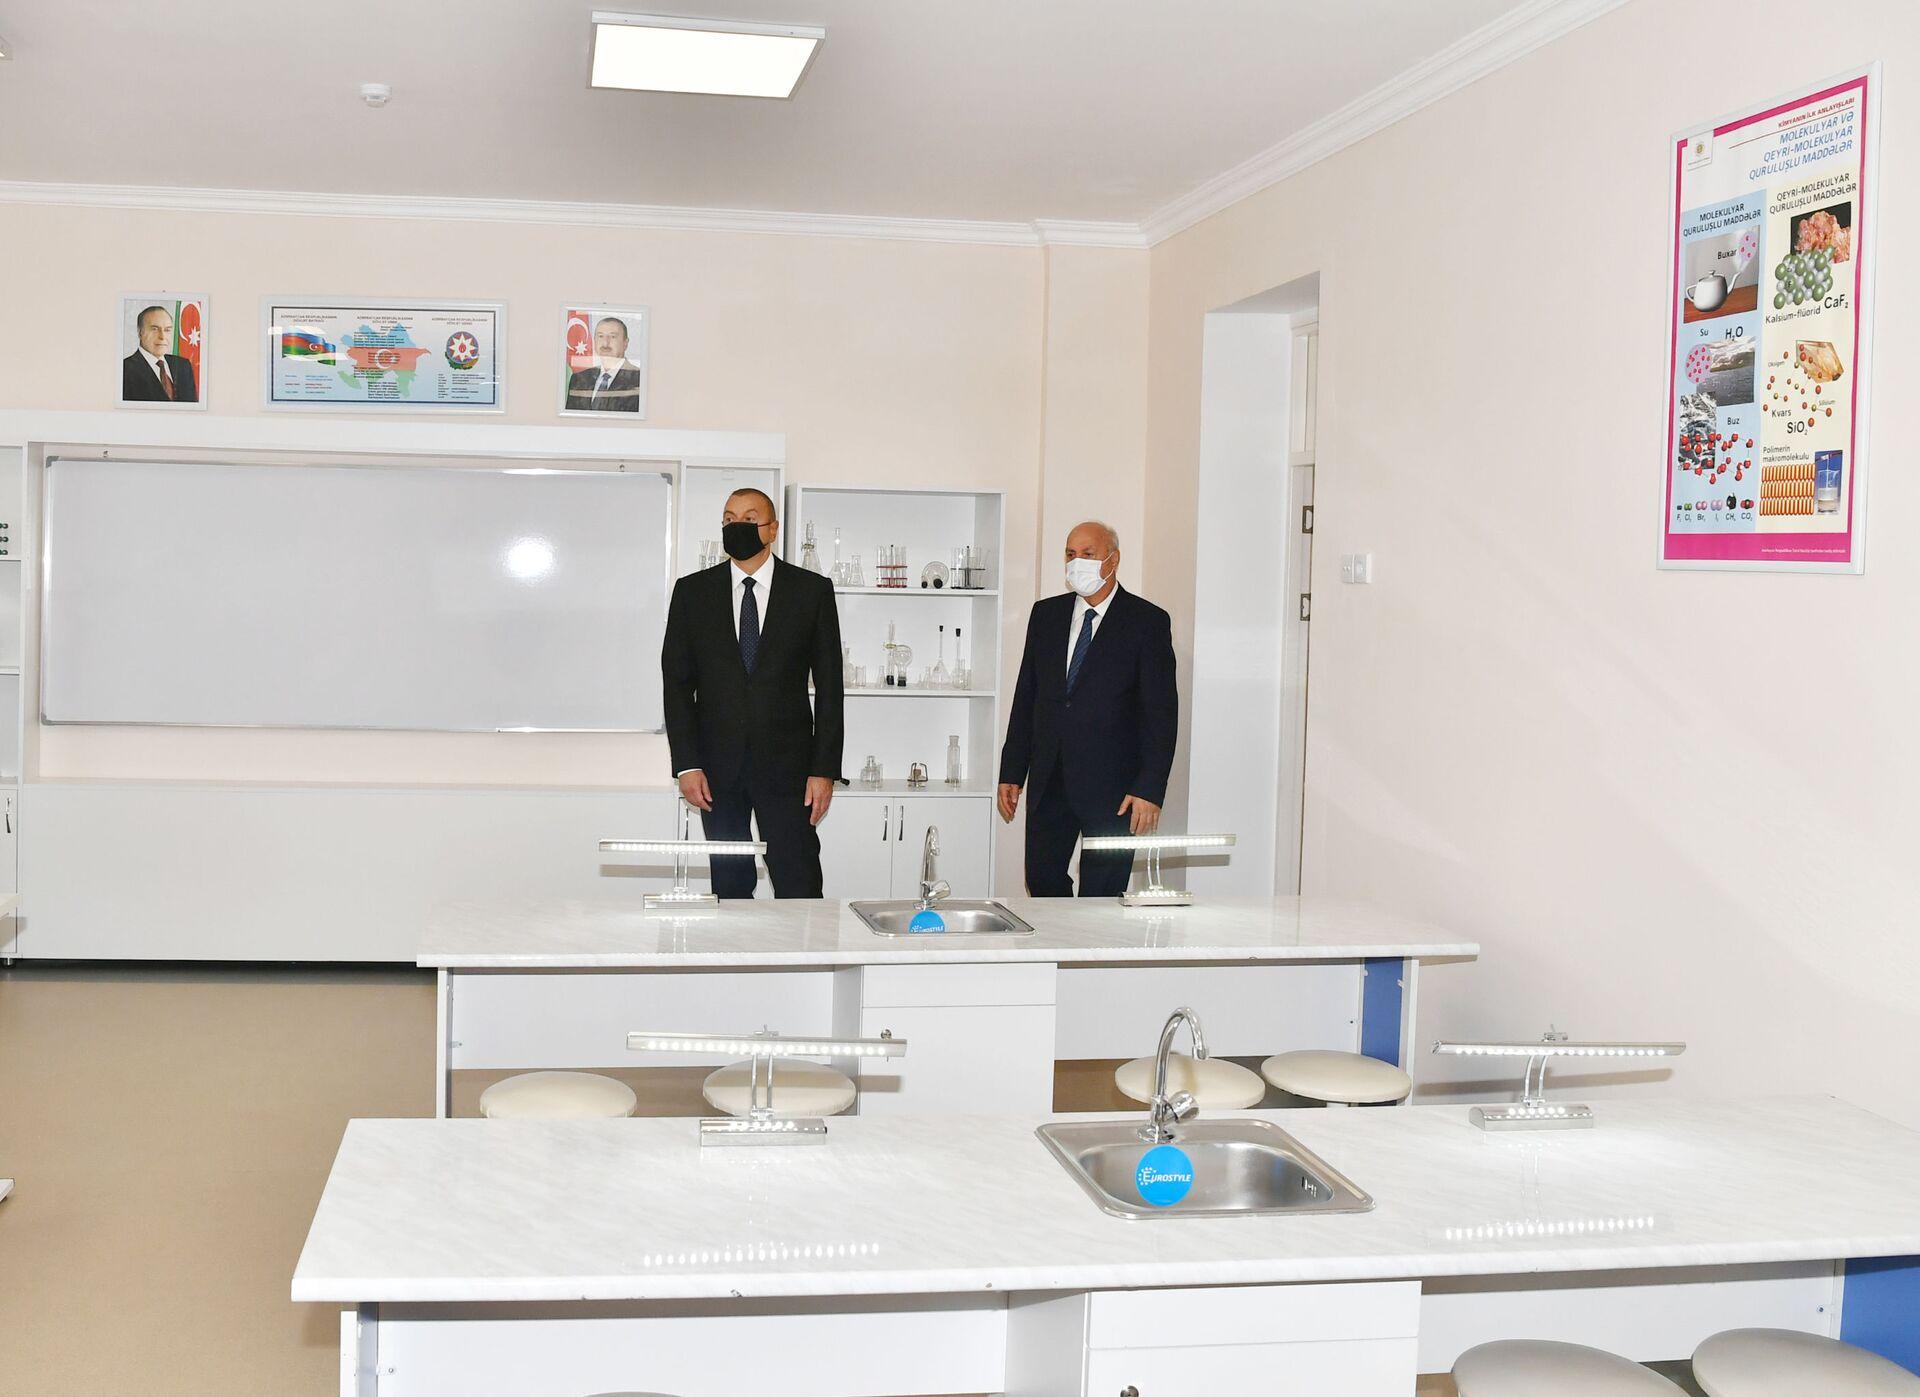 Президент Ильхам Алиев принял участие в сдаче в эксплуатацию средней школы номер 20 в Сумгайыте - Sputnik Азербайджан, 1920, 01.10.2021